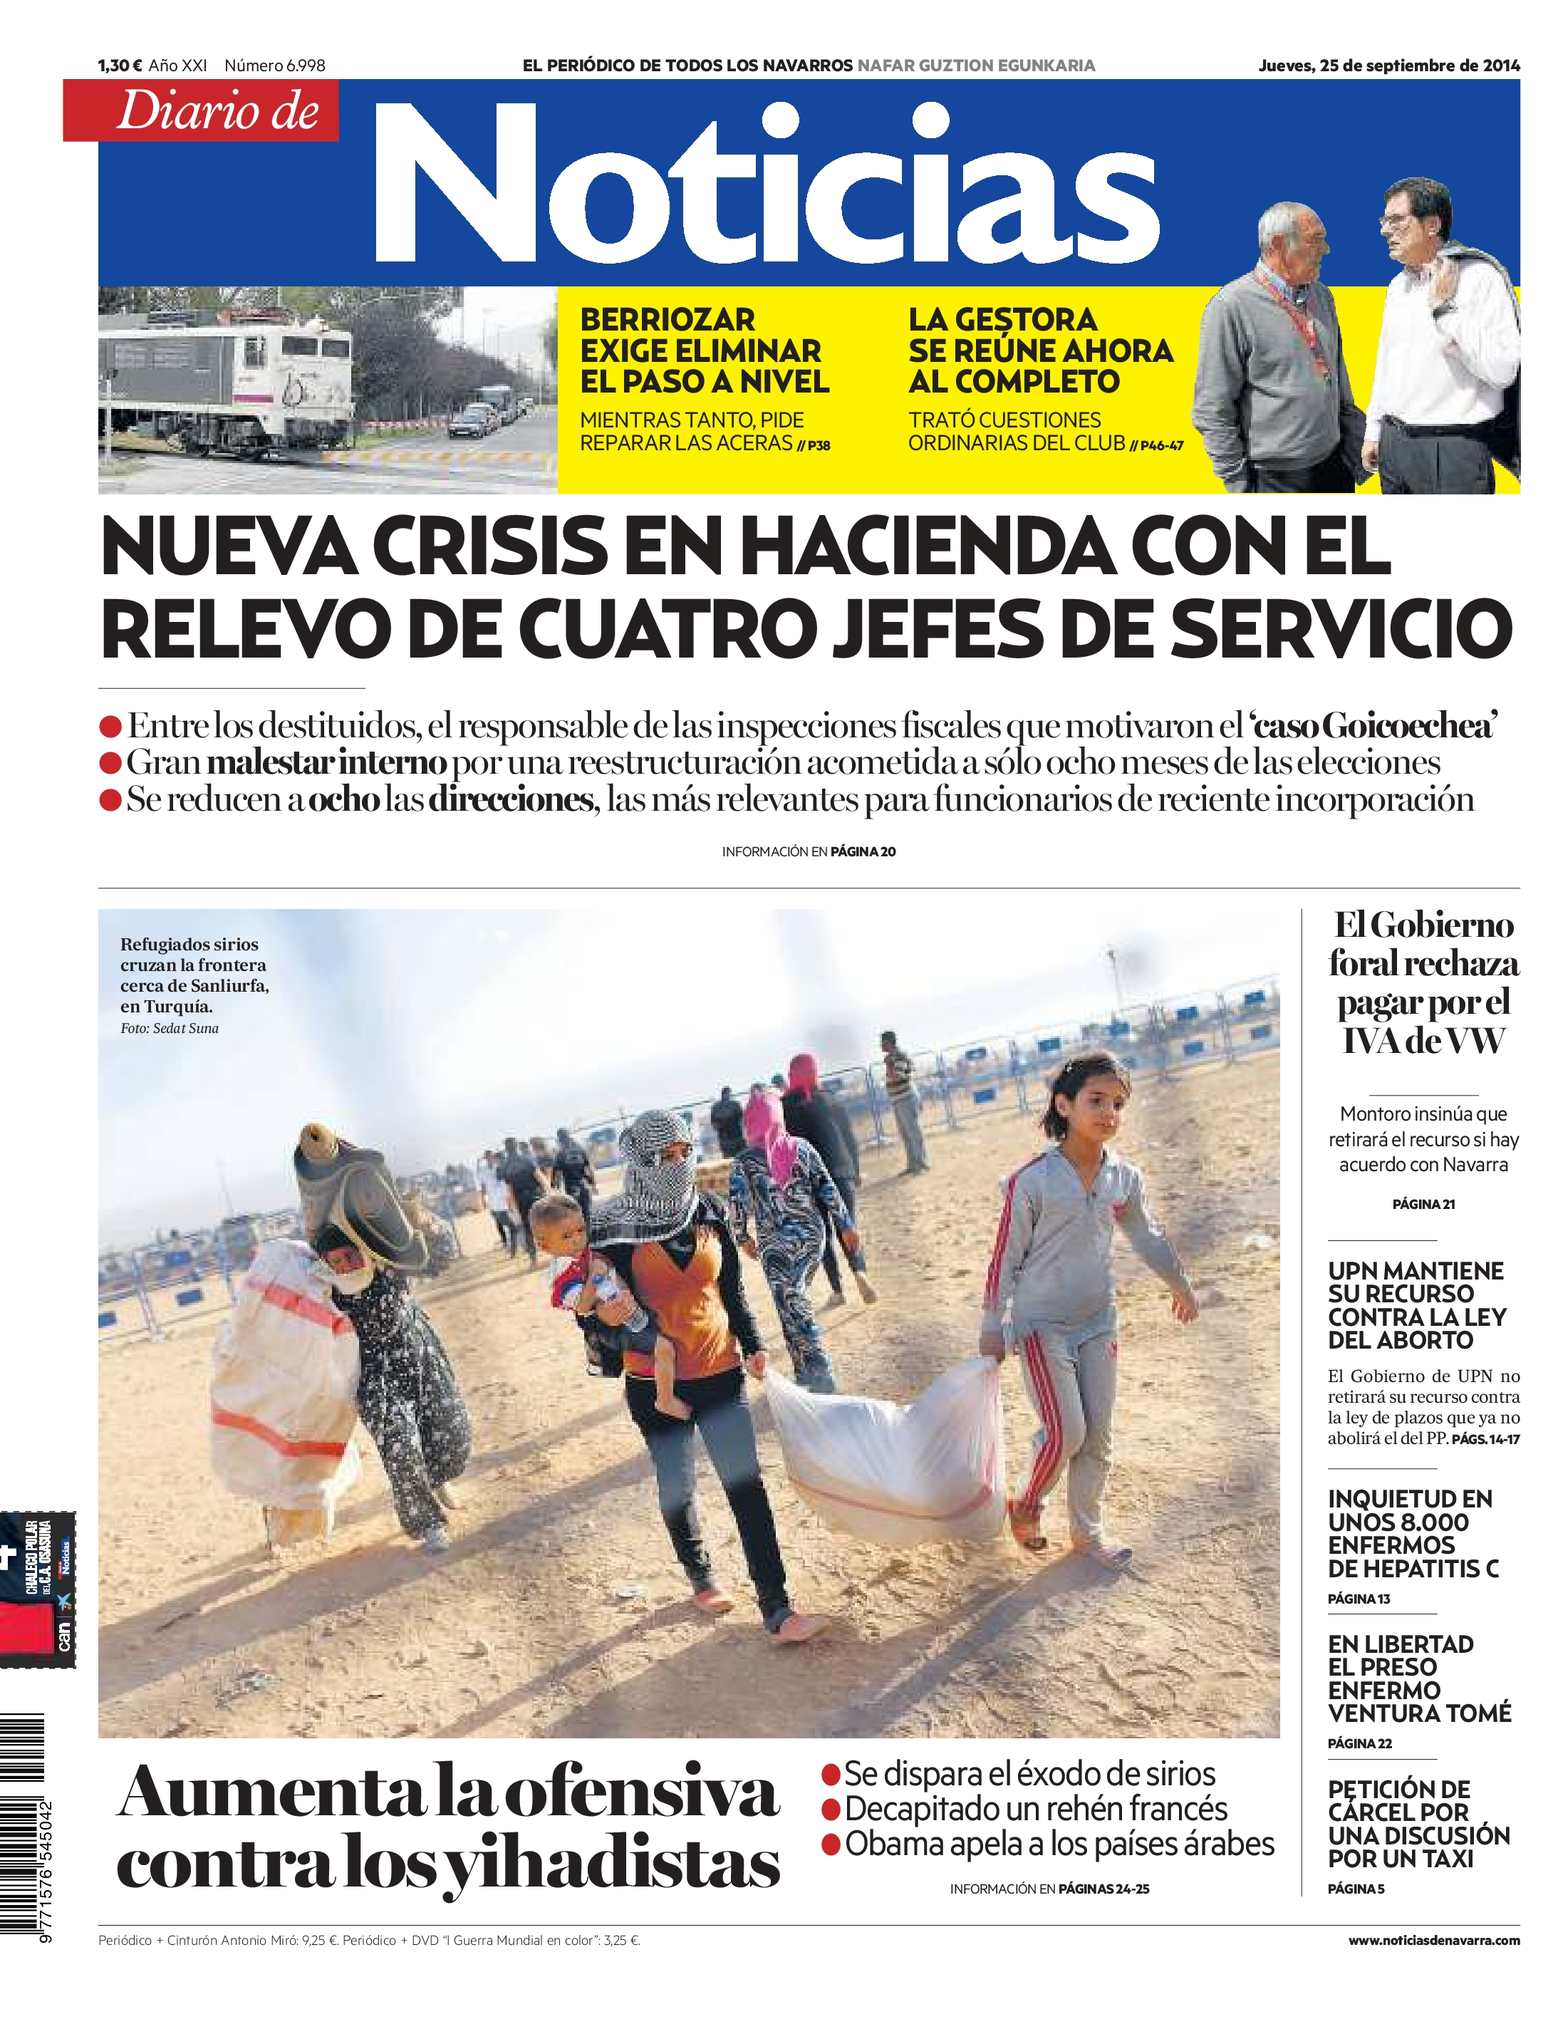 Calaméo - Diario de Noticias 20140925